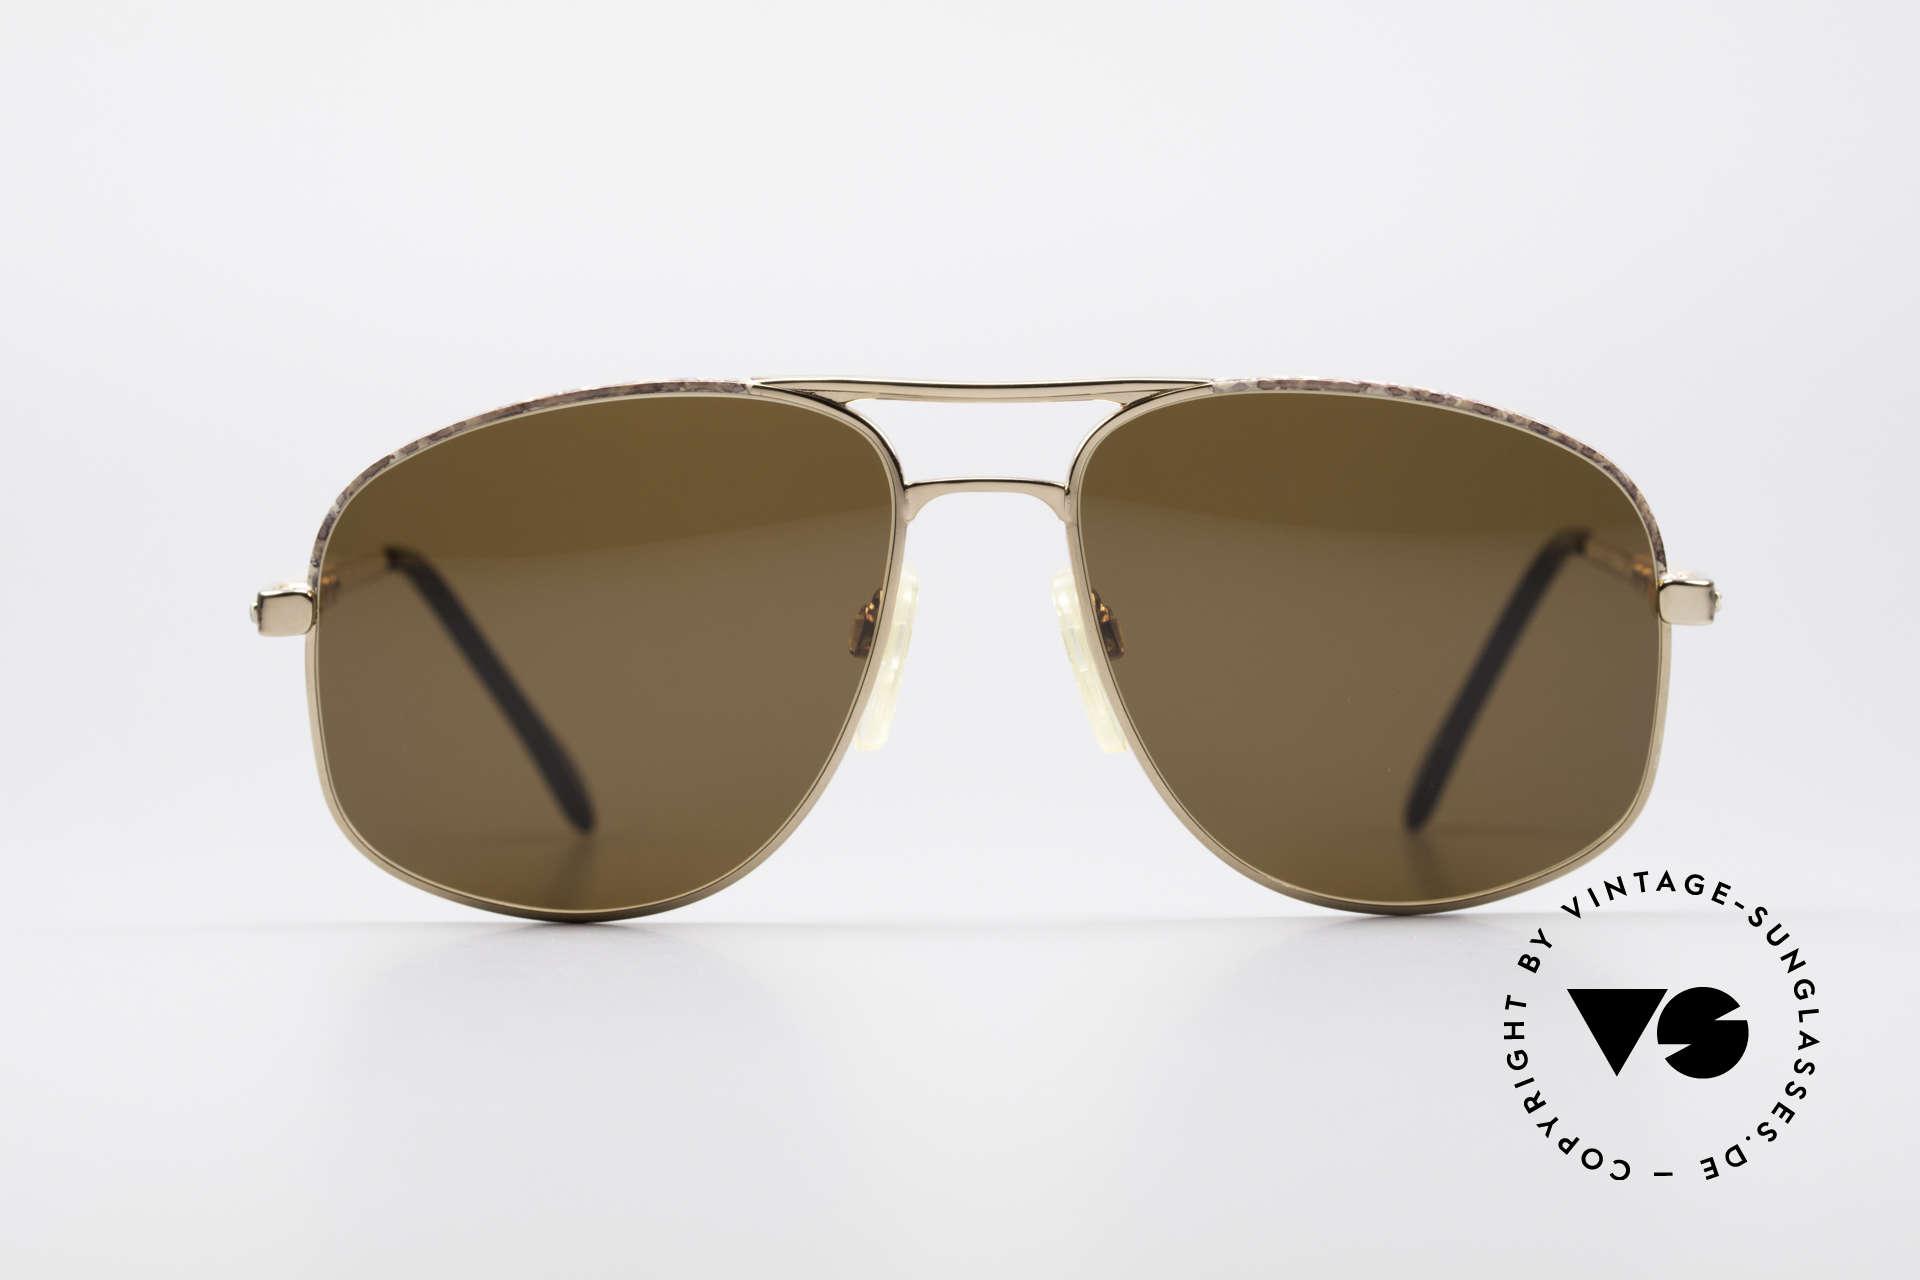 Zollitsch Cadre 8 18k Gold Plated Sonnenbrille, kostbares, 18k vergoldetes HerrenModell; West Germany, Passend für Herren